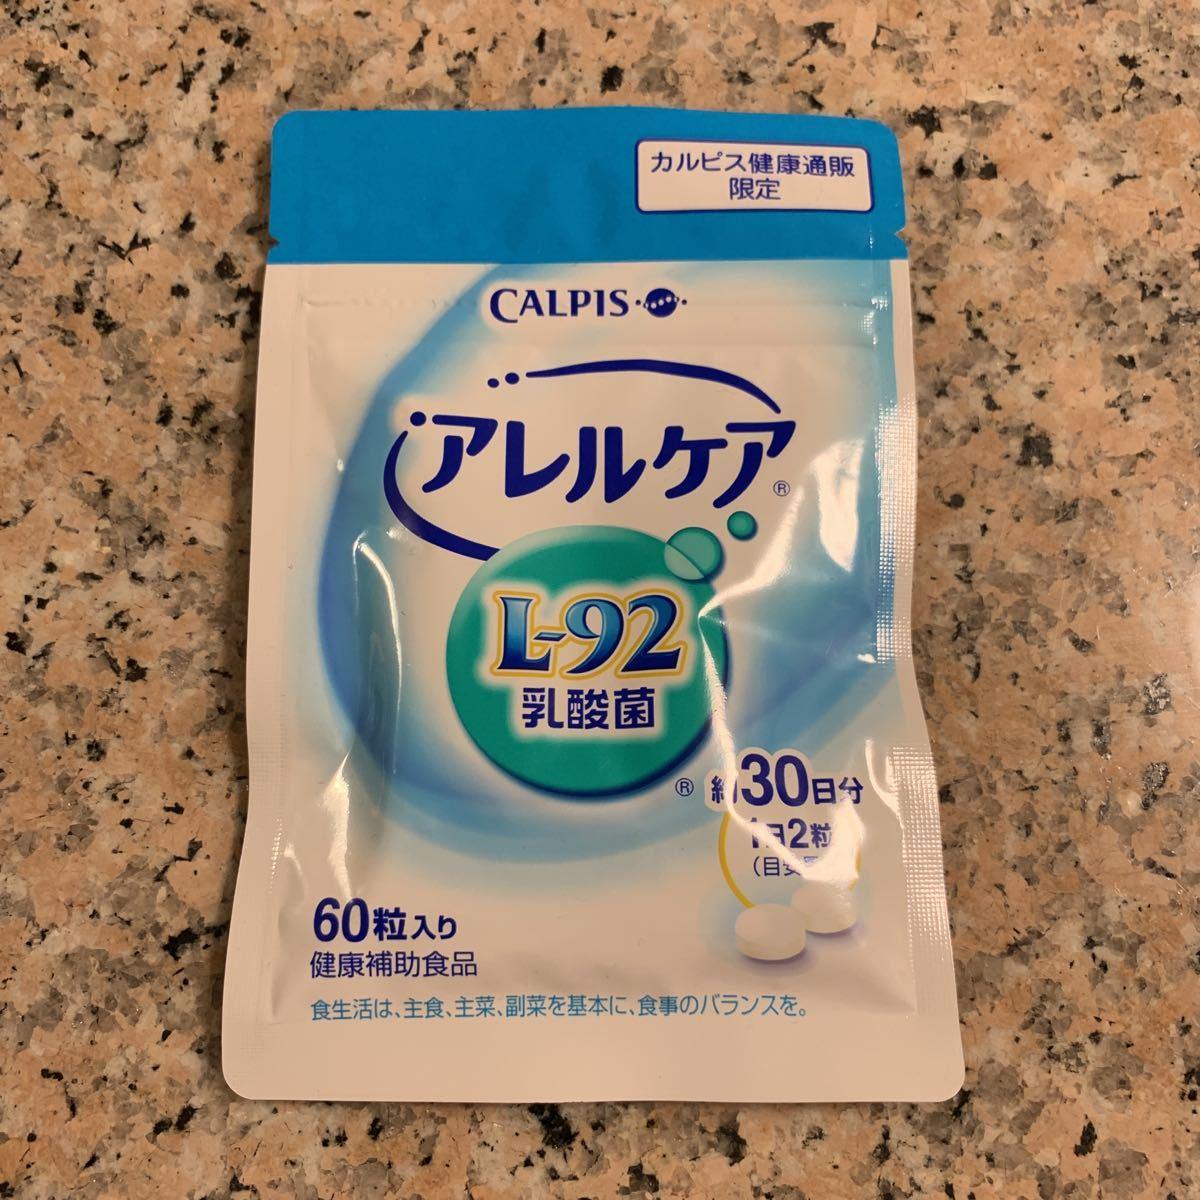 karupisareru care L-92. acid .CALPIS